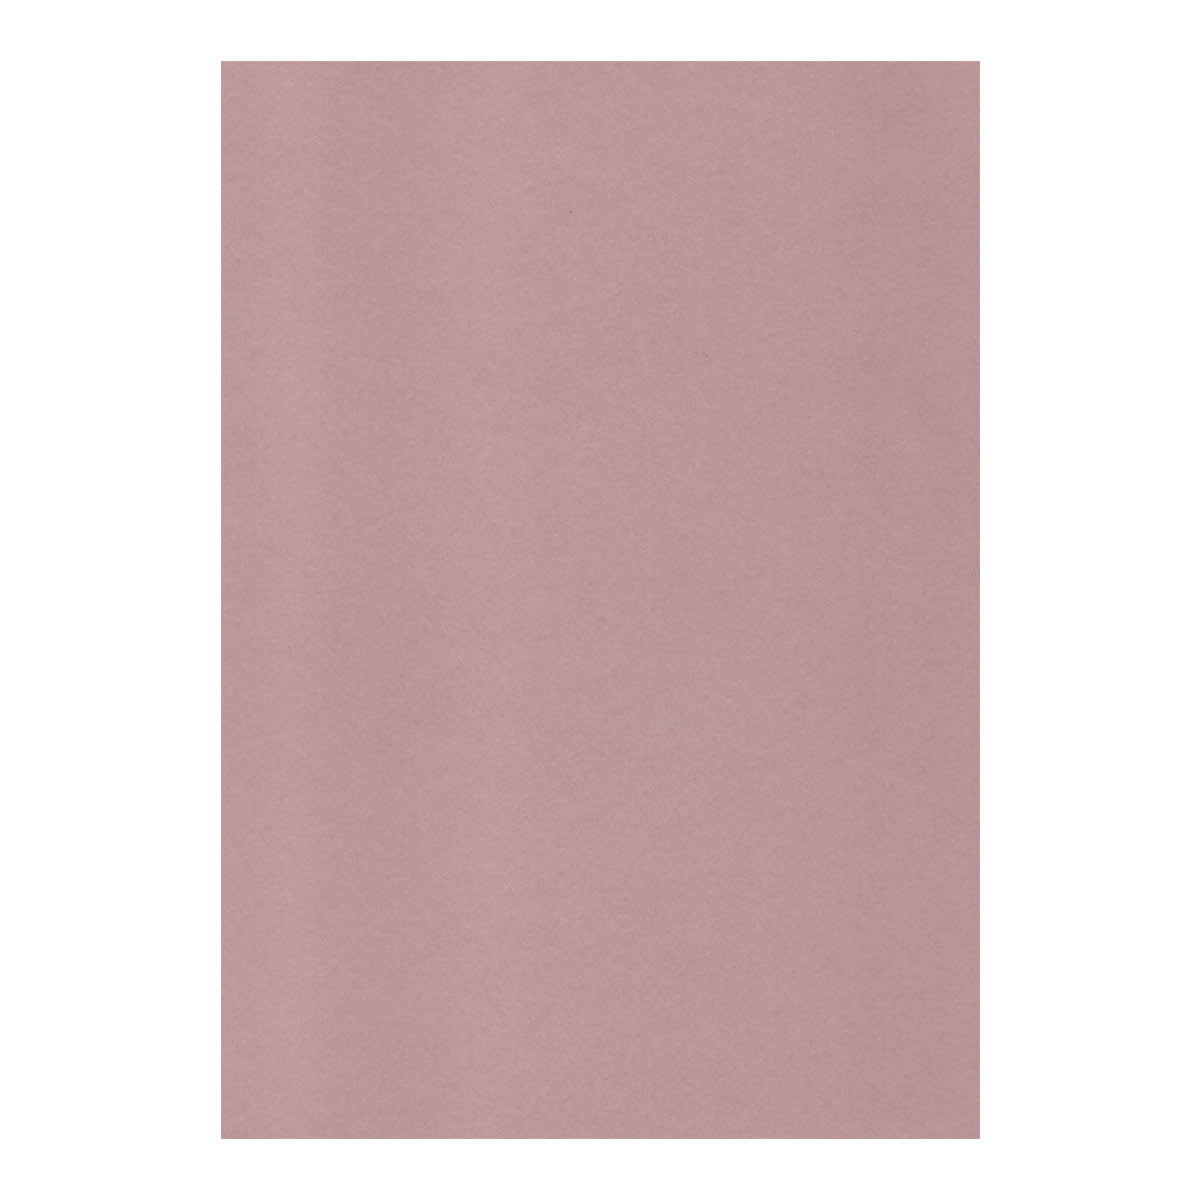 A4 CURIOUS METALLICS ROSE GOLD IRIDESCENT CARD (300gsm)